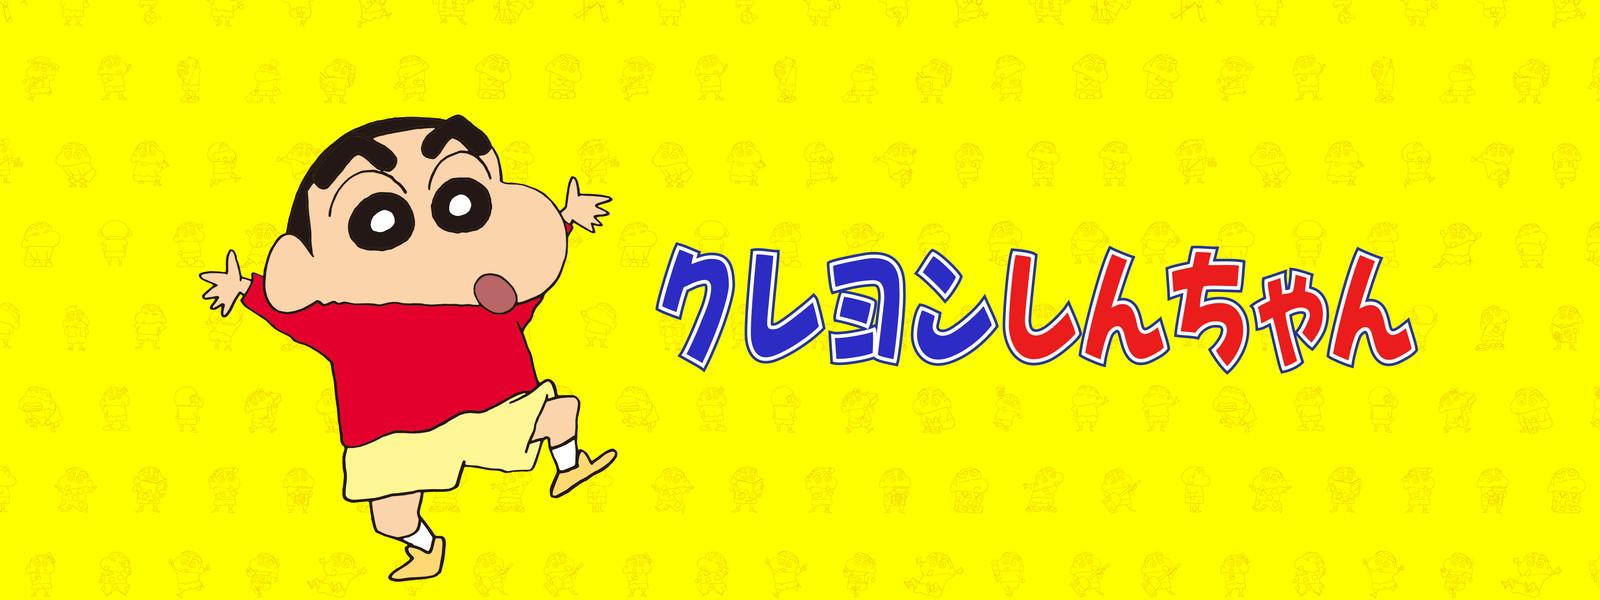 クレヨンしんちゃん(テレビアニメ)画像